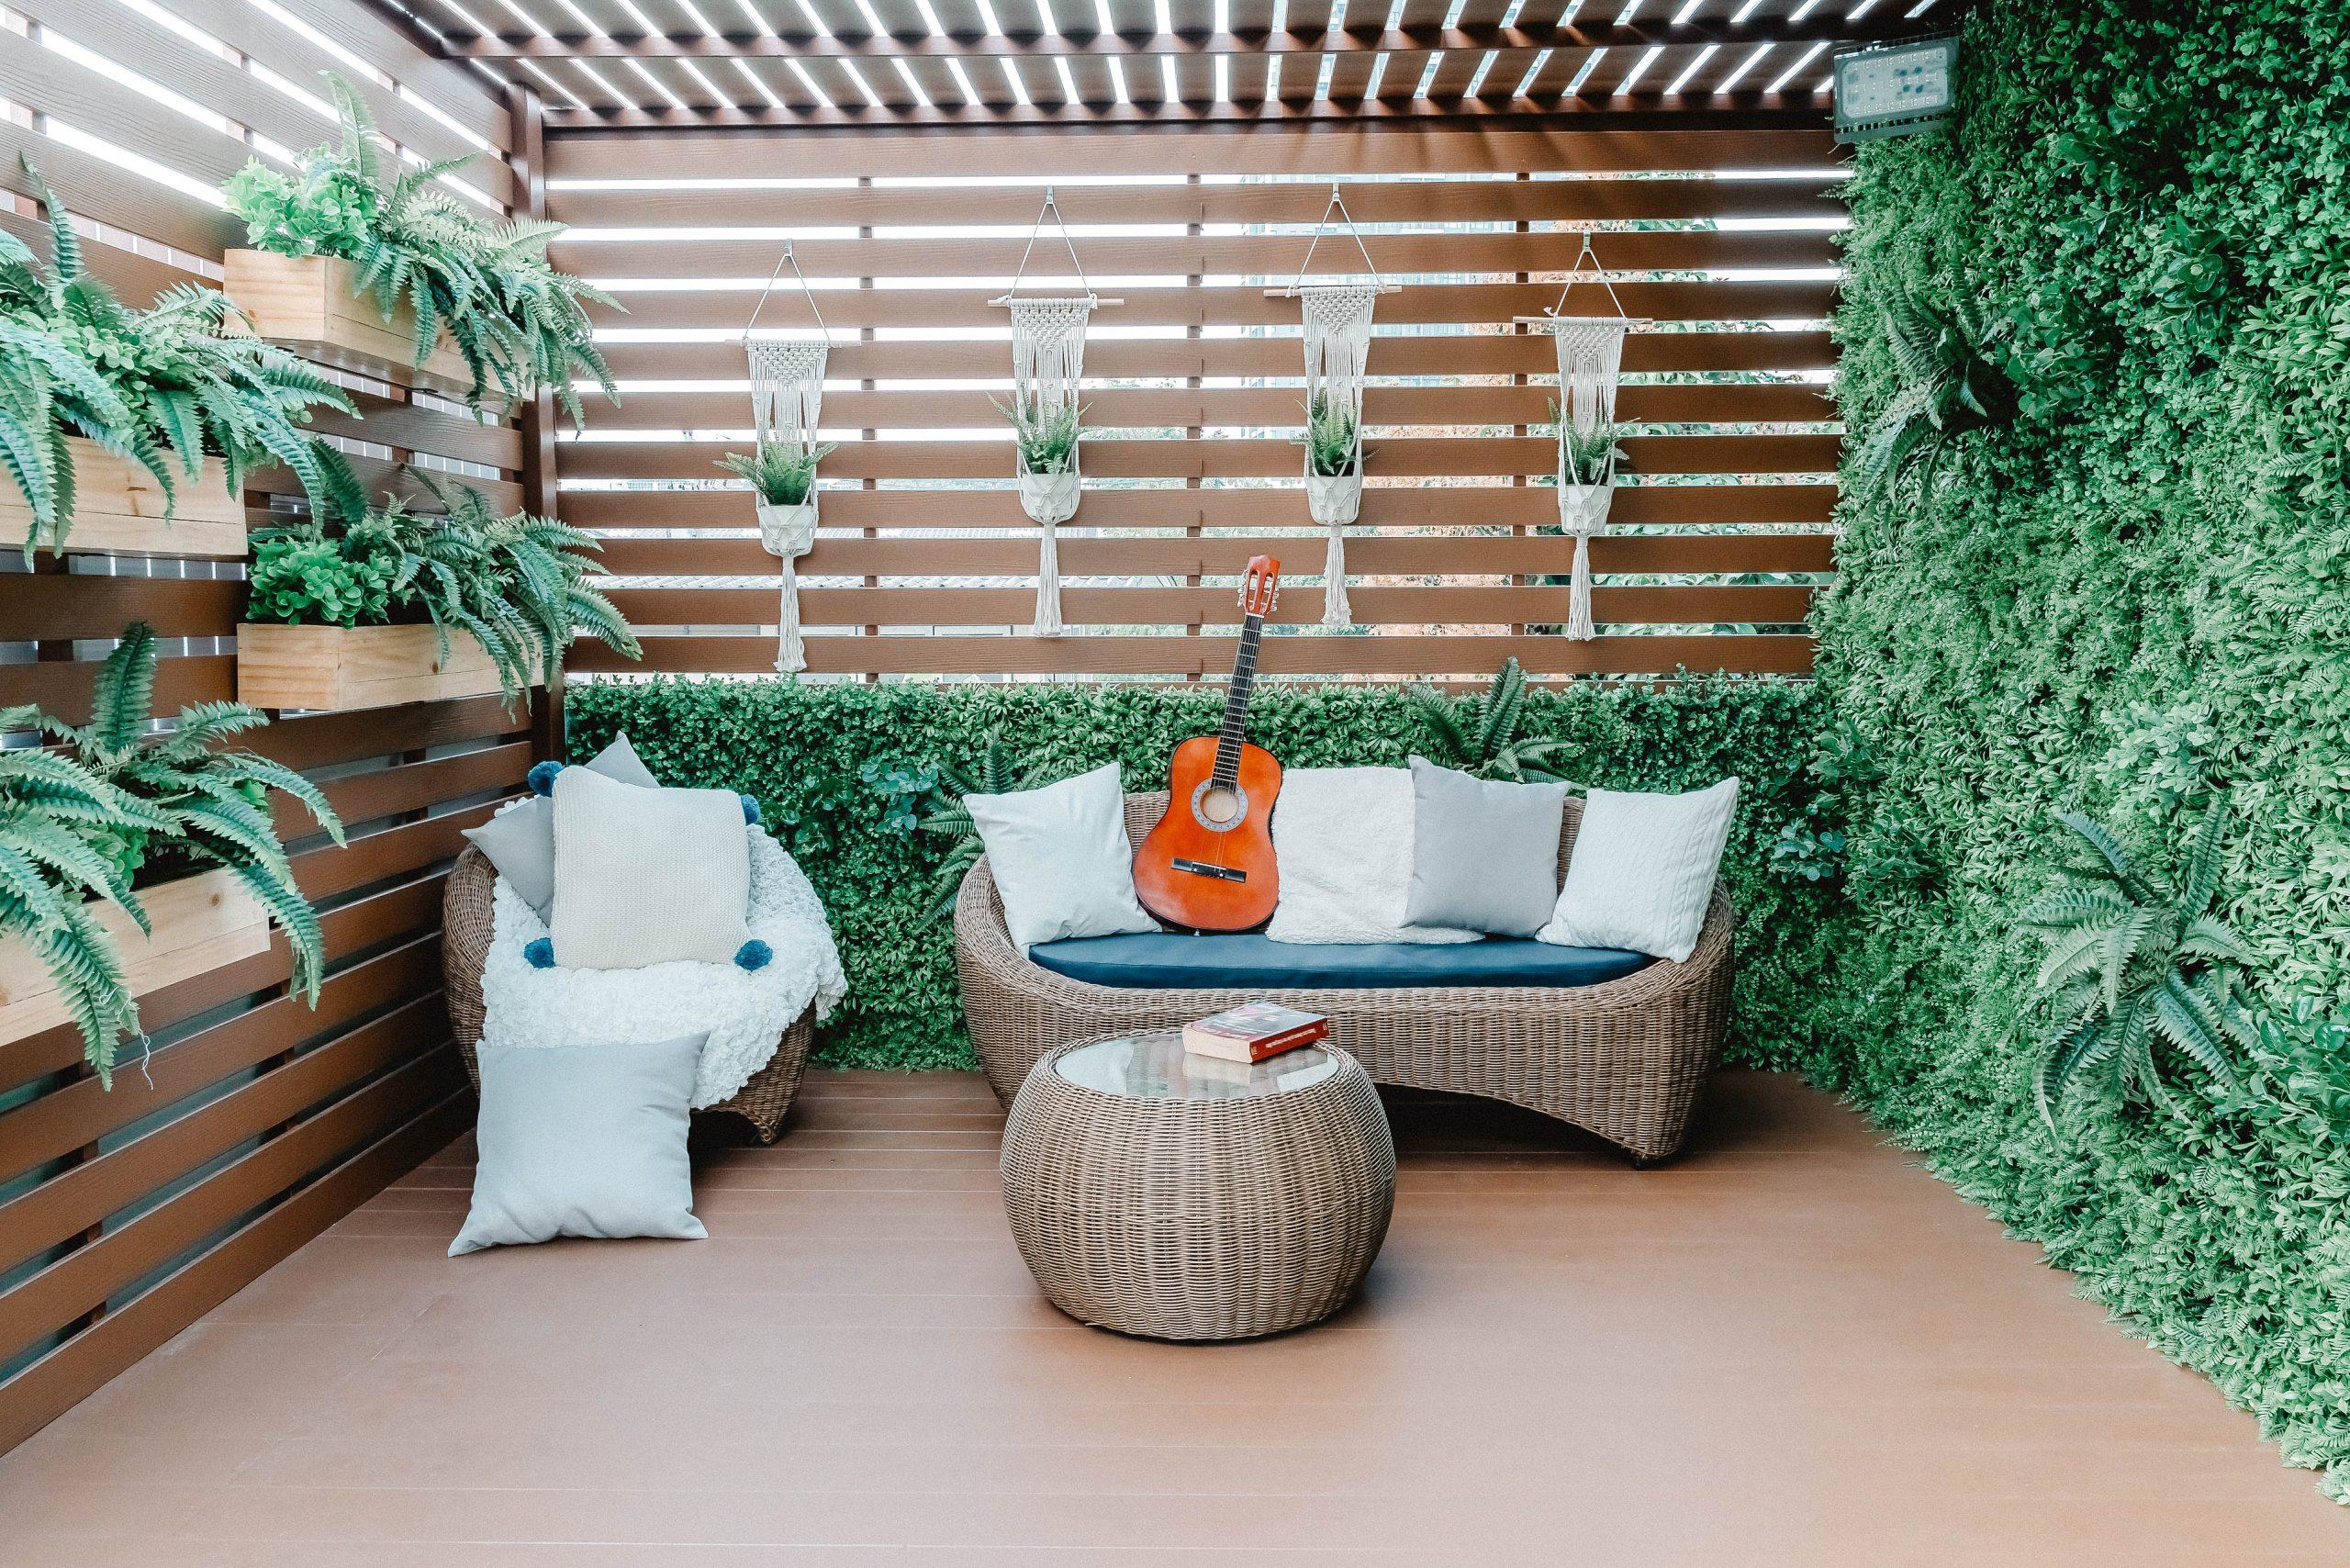 Vertical garden around a deck